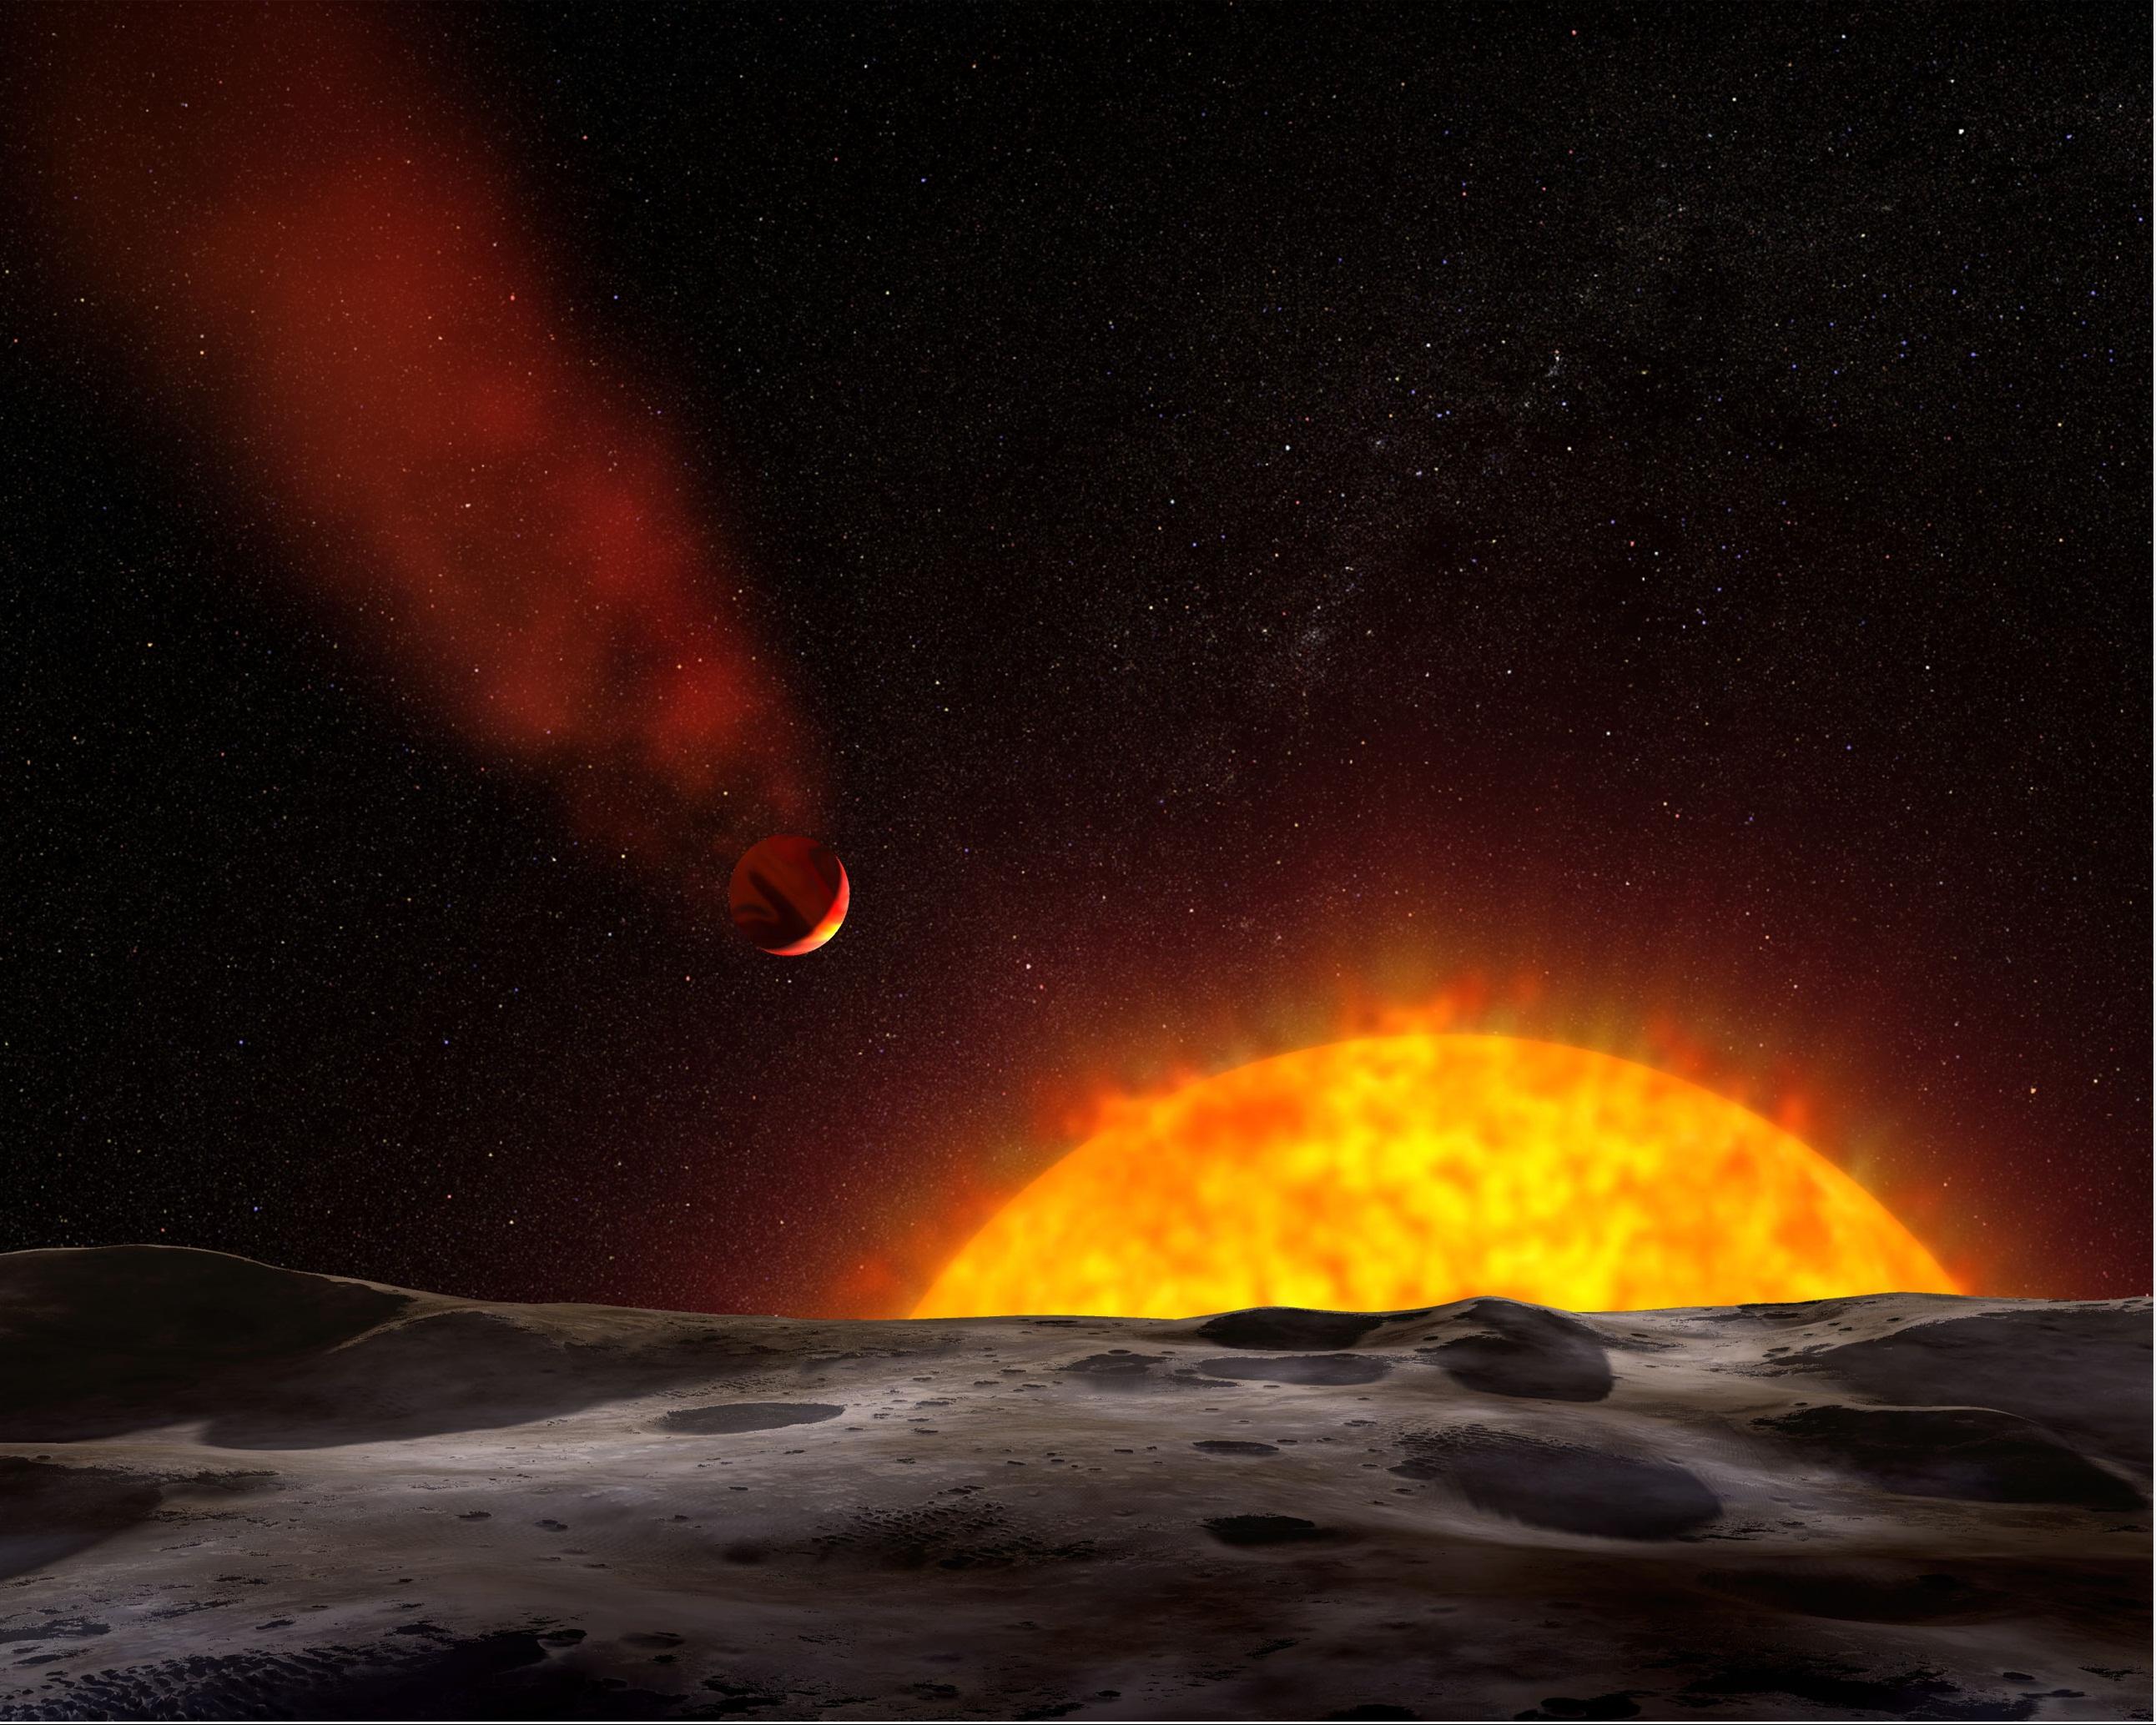 extrasolar planet essay